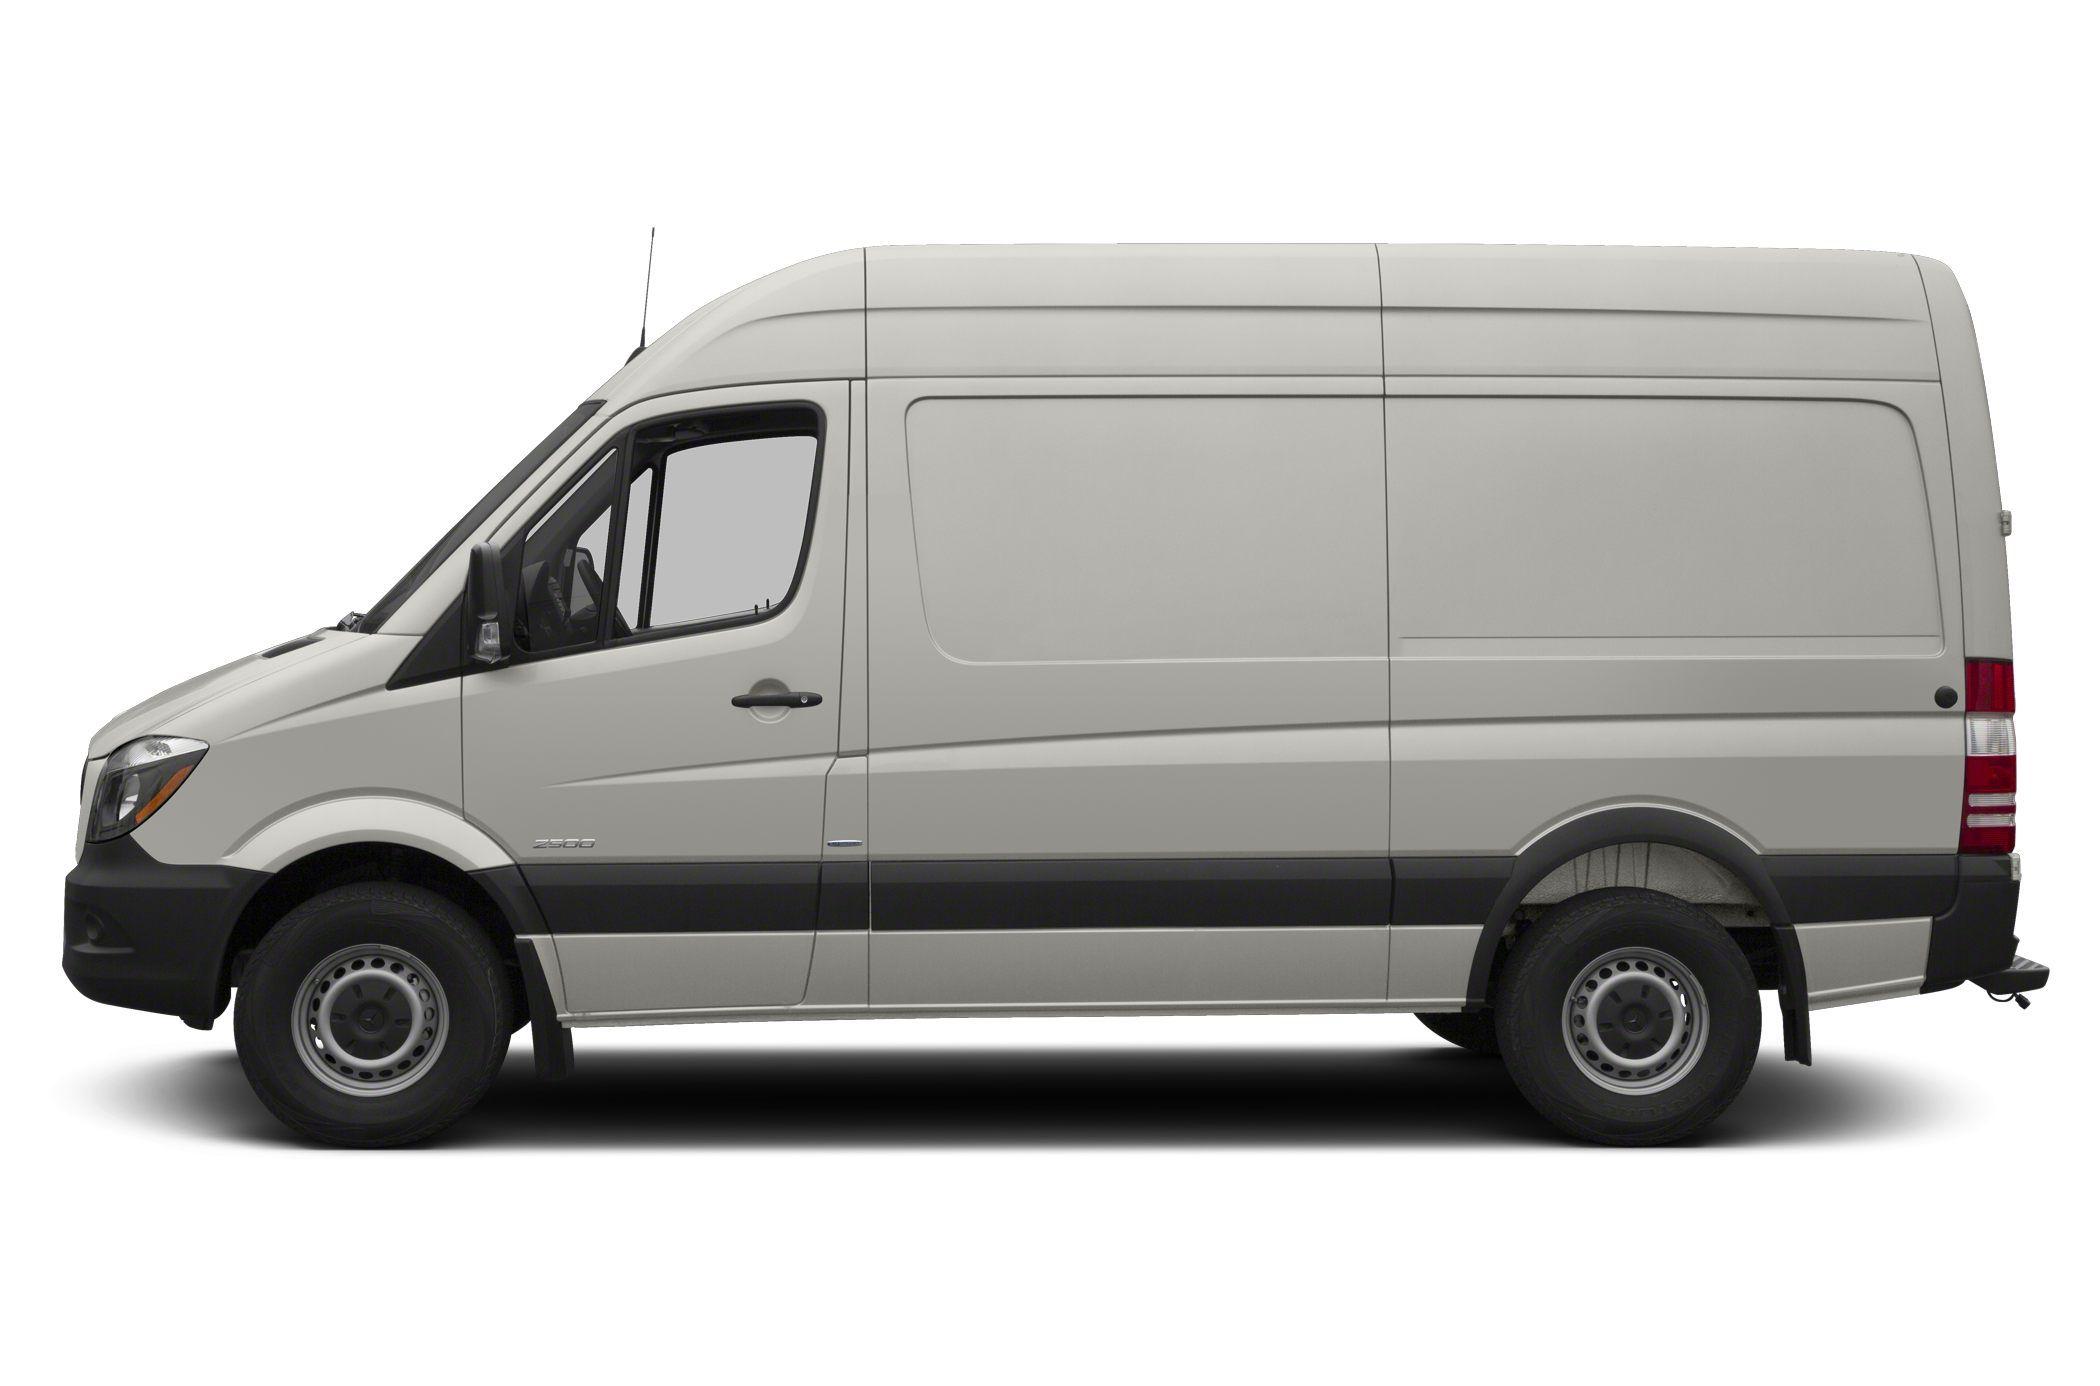 Sprinter vans for usaa members mercedes benz of hoffman estates mercedes benz sprinter pinterest mercedes benz mercedes benz vans and commercial